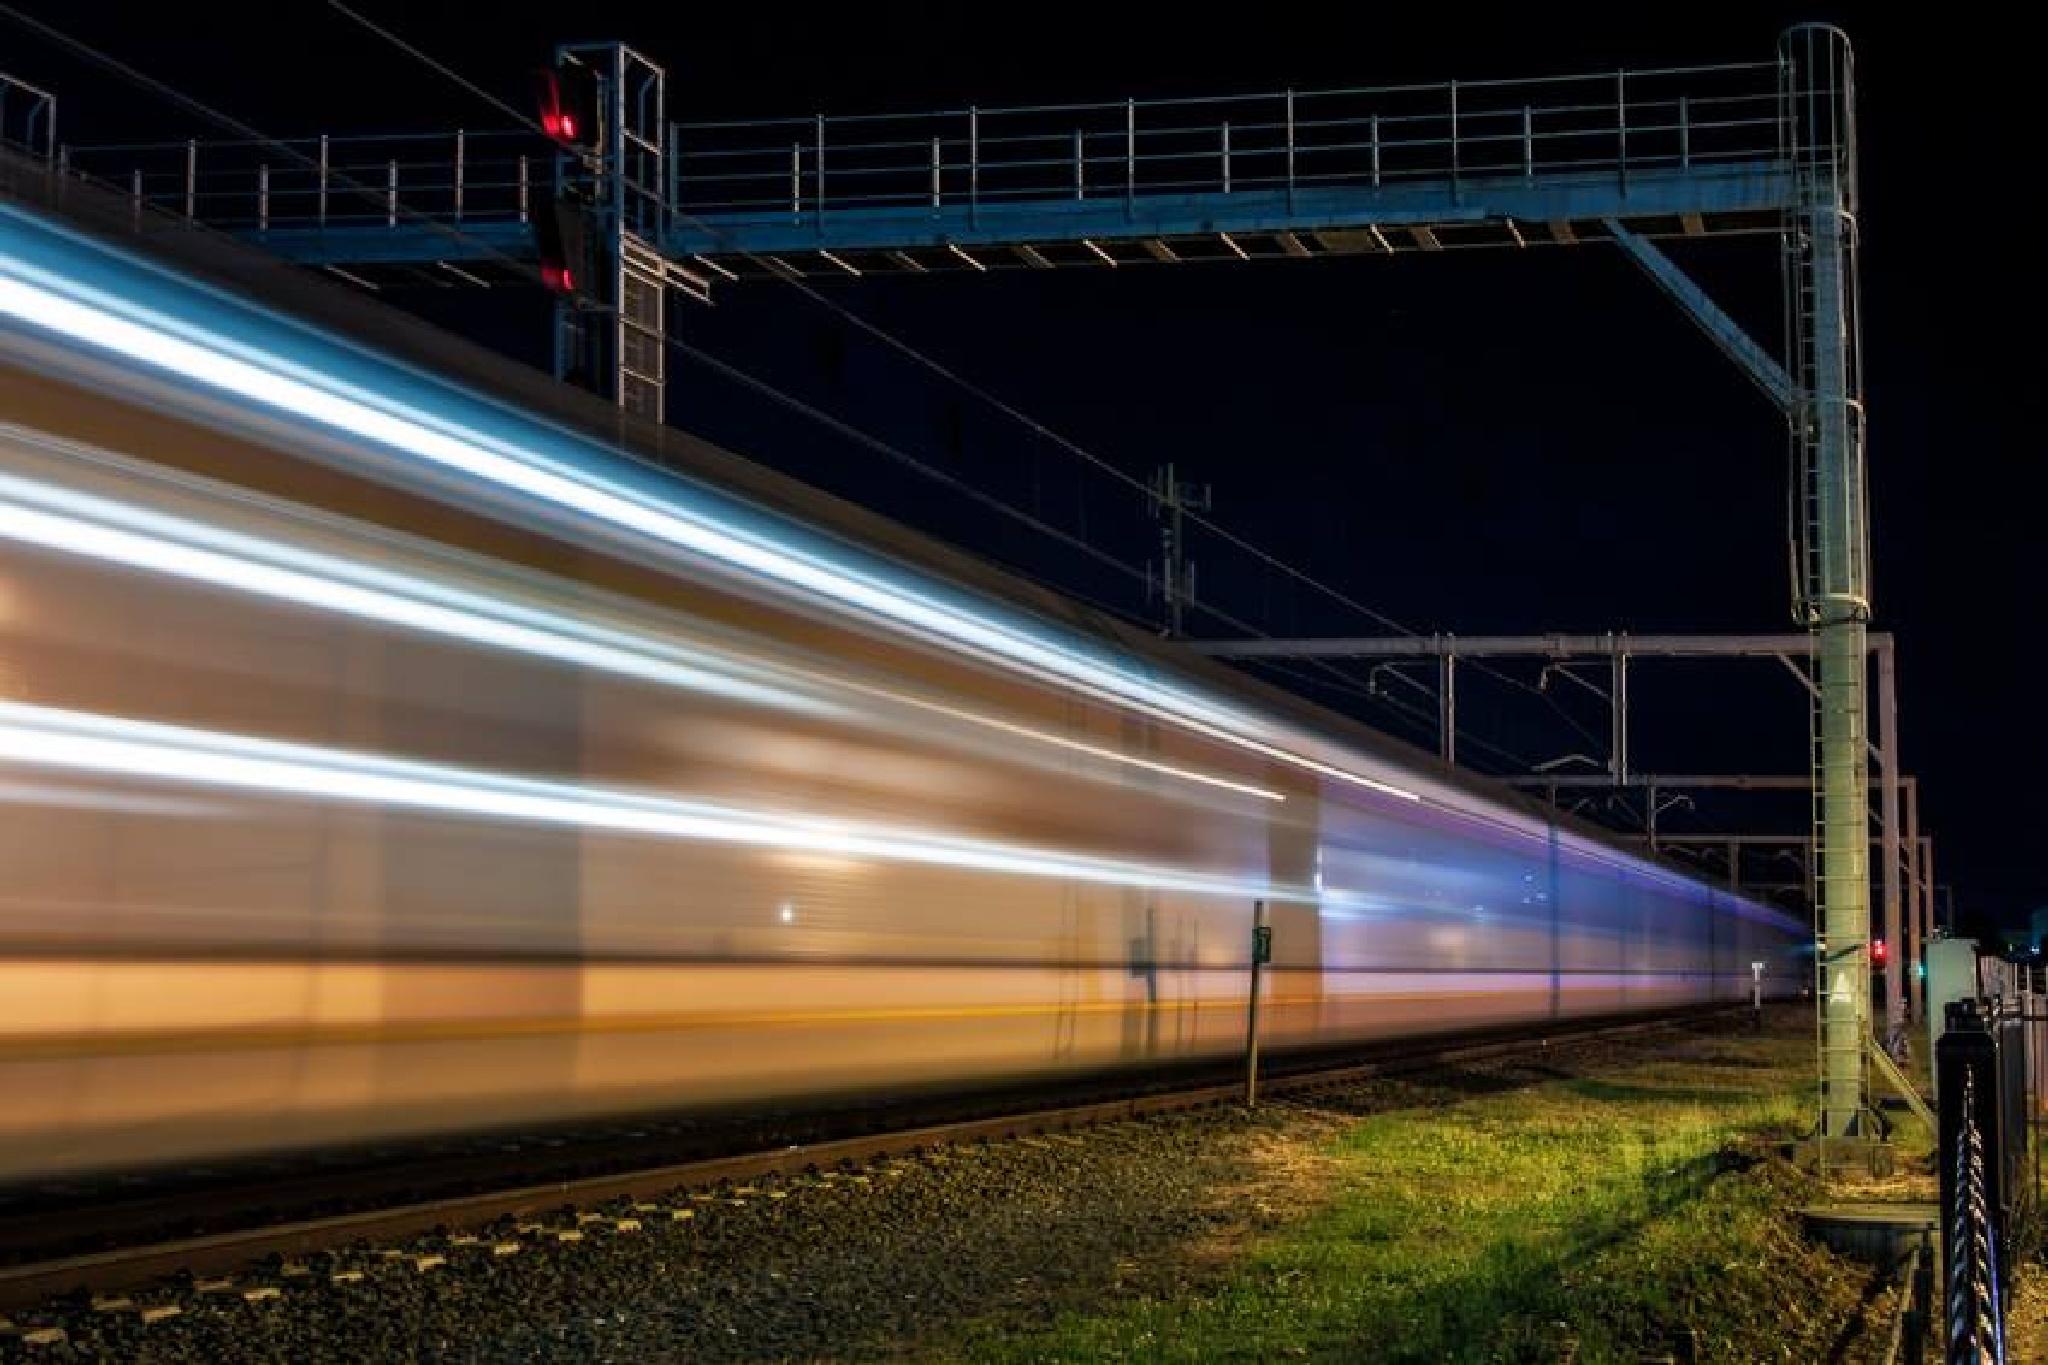 ghost train 4 by Doc Jones